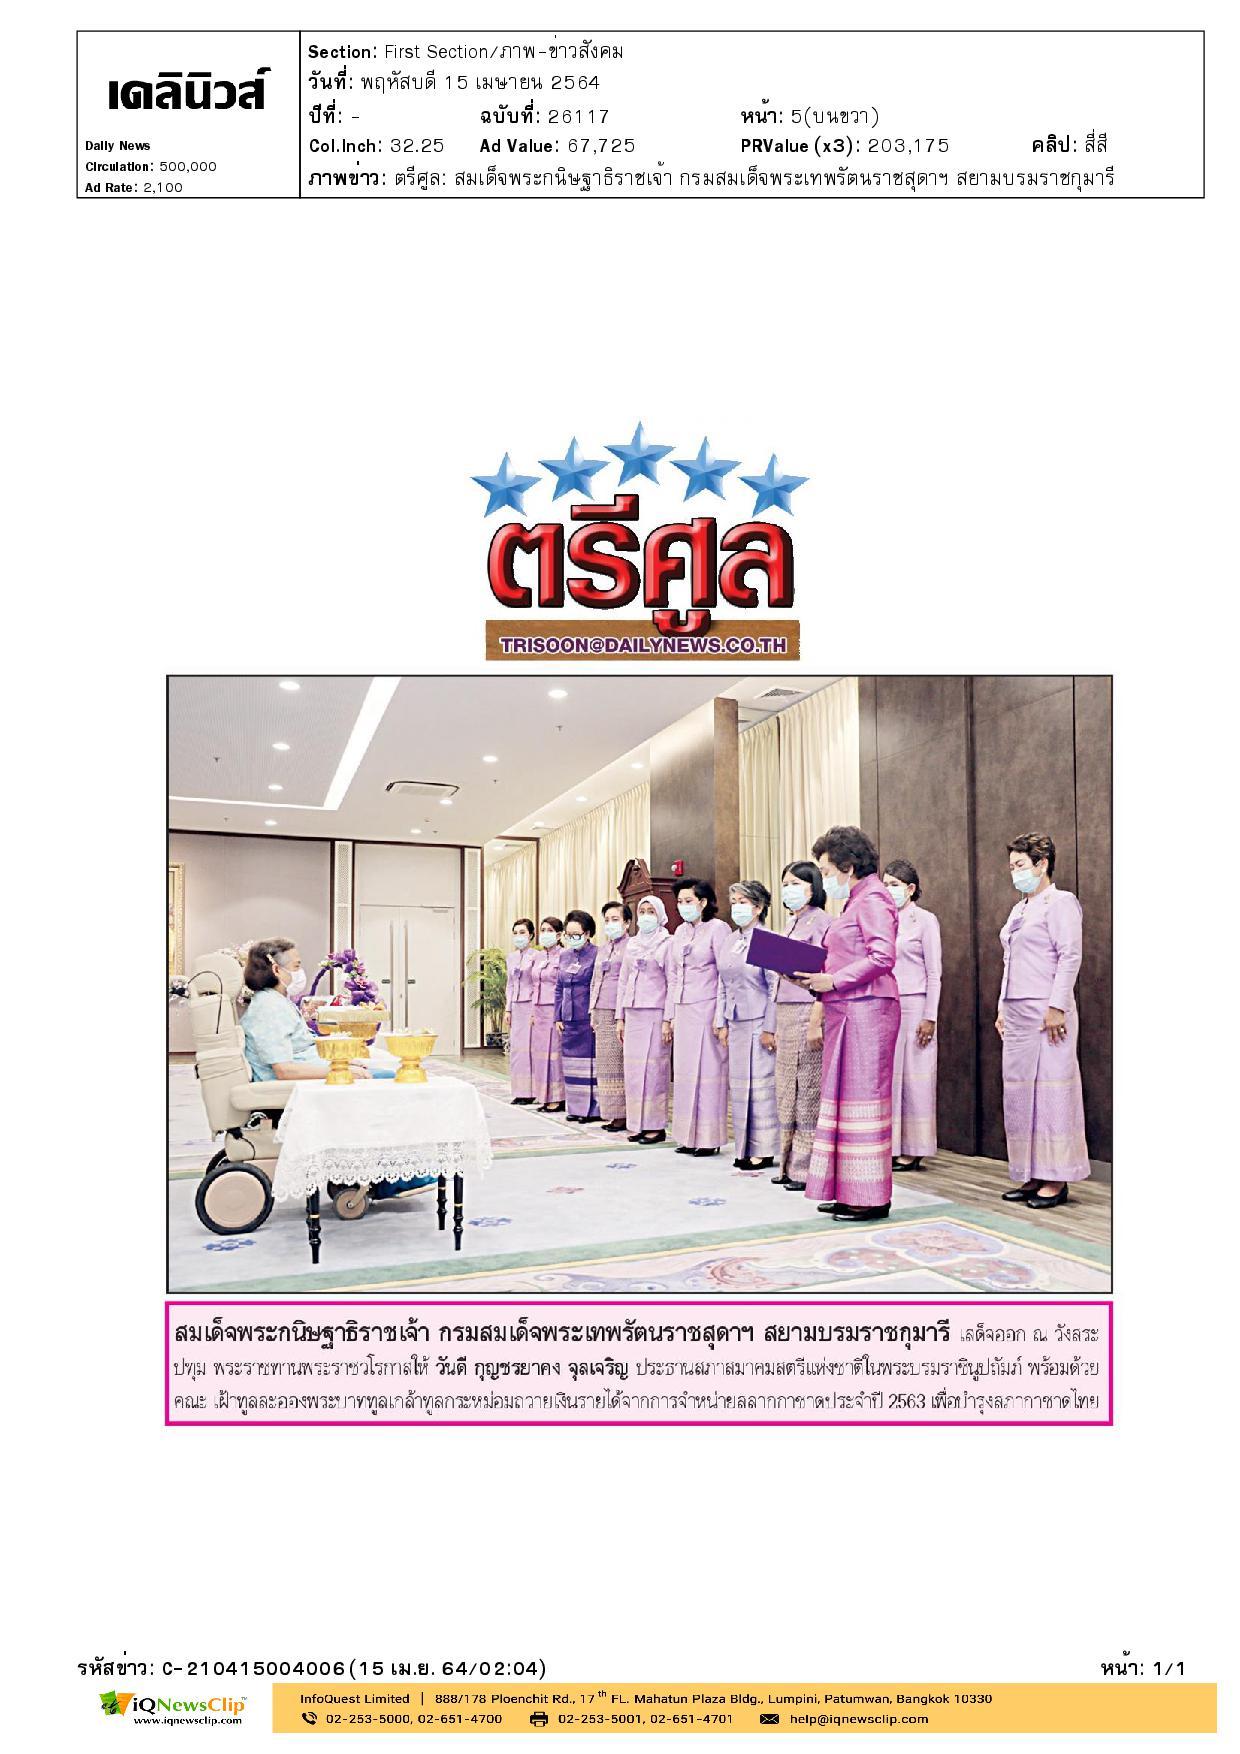 เฝ้าฯ ทูลเกล้าฯ ถวายเงินรายได้จากการจำหน่ายสลากกาชาดประจำปี 2563 เพื่อบำรุงสภากาชาดไทย